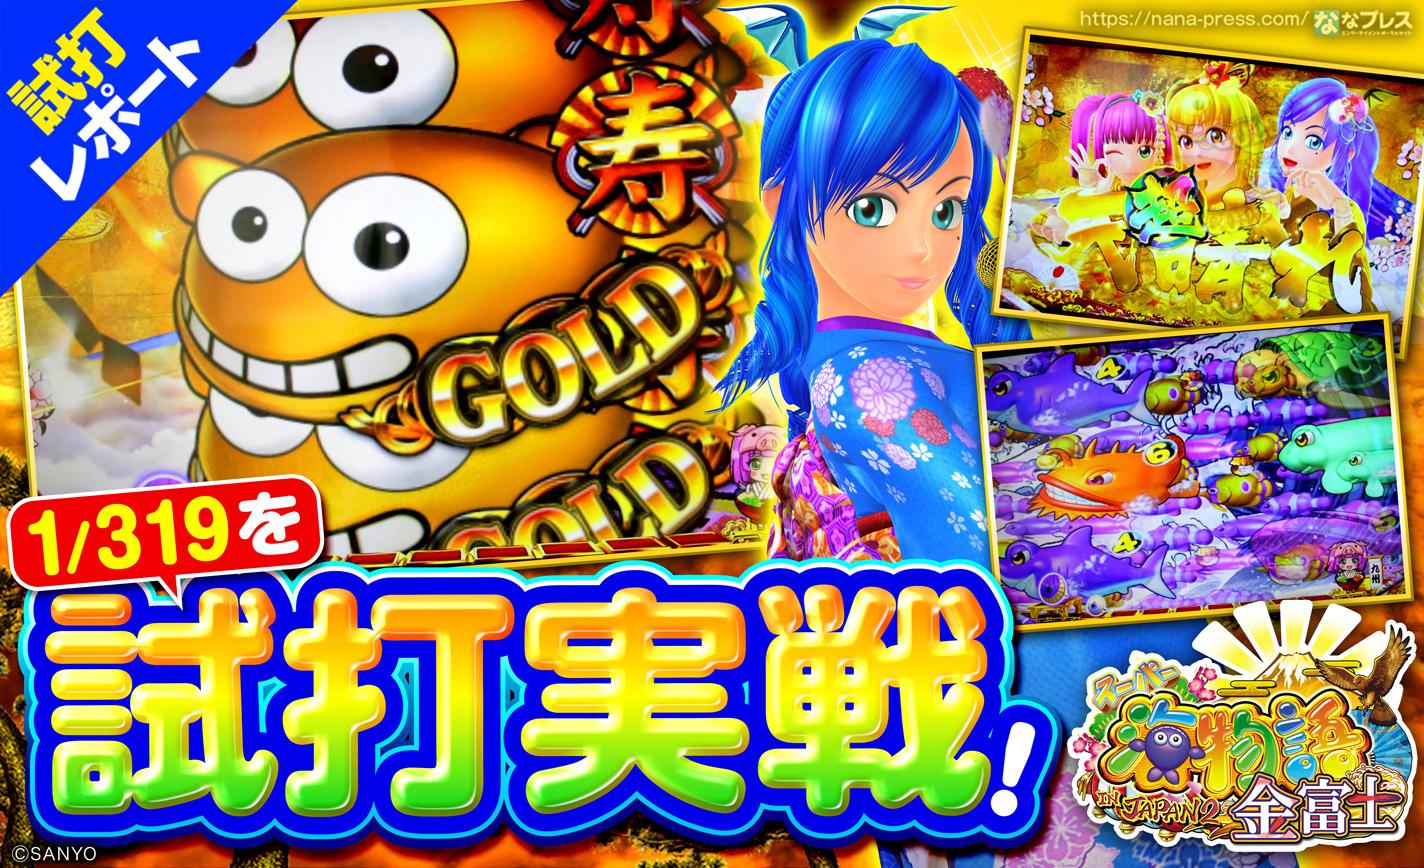 【Pスーパー海物語IN JAPAN2金富士 試打#3】継続率77%にパワーアップした319verを一足先に打ってみた! eyecatch-image